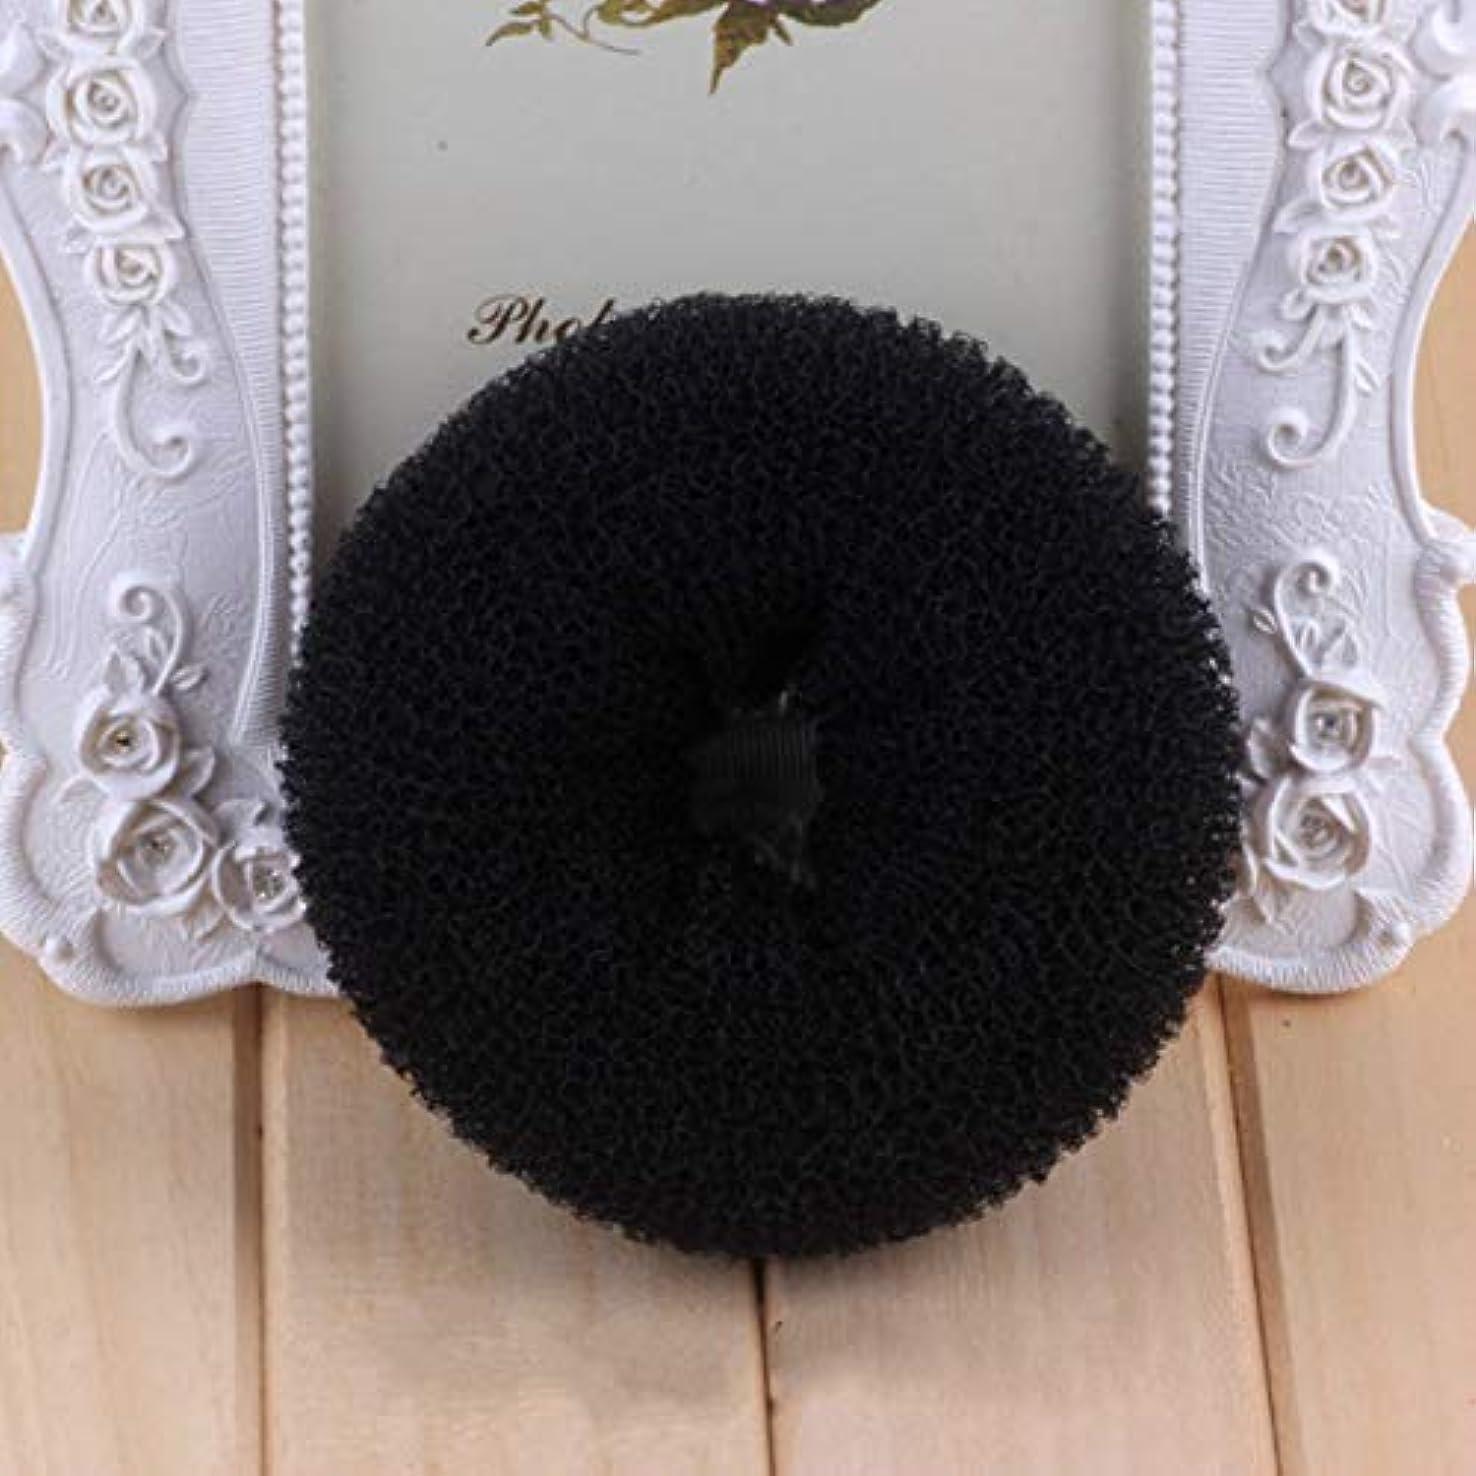 ぬいぐるみサラミ凍るIntercoreyヨーロッパアメリカのファッションポータブル女性アップヘアスタイリングバンドDIYヘアパンメーカーカーラークイック折りたたみラップ用品